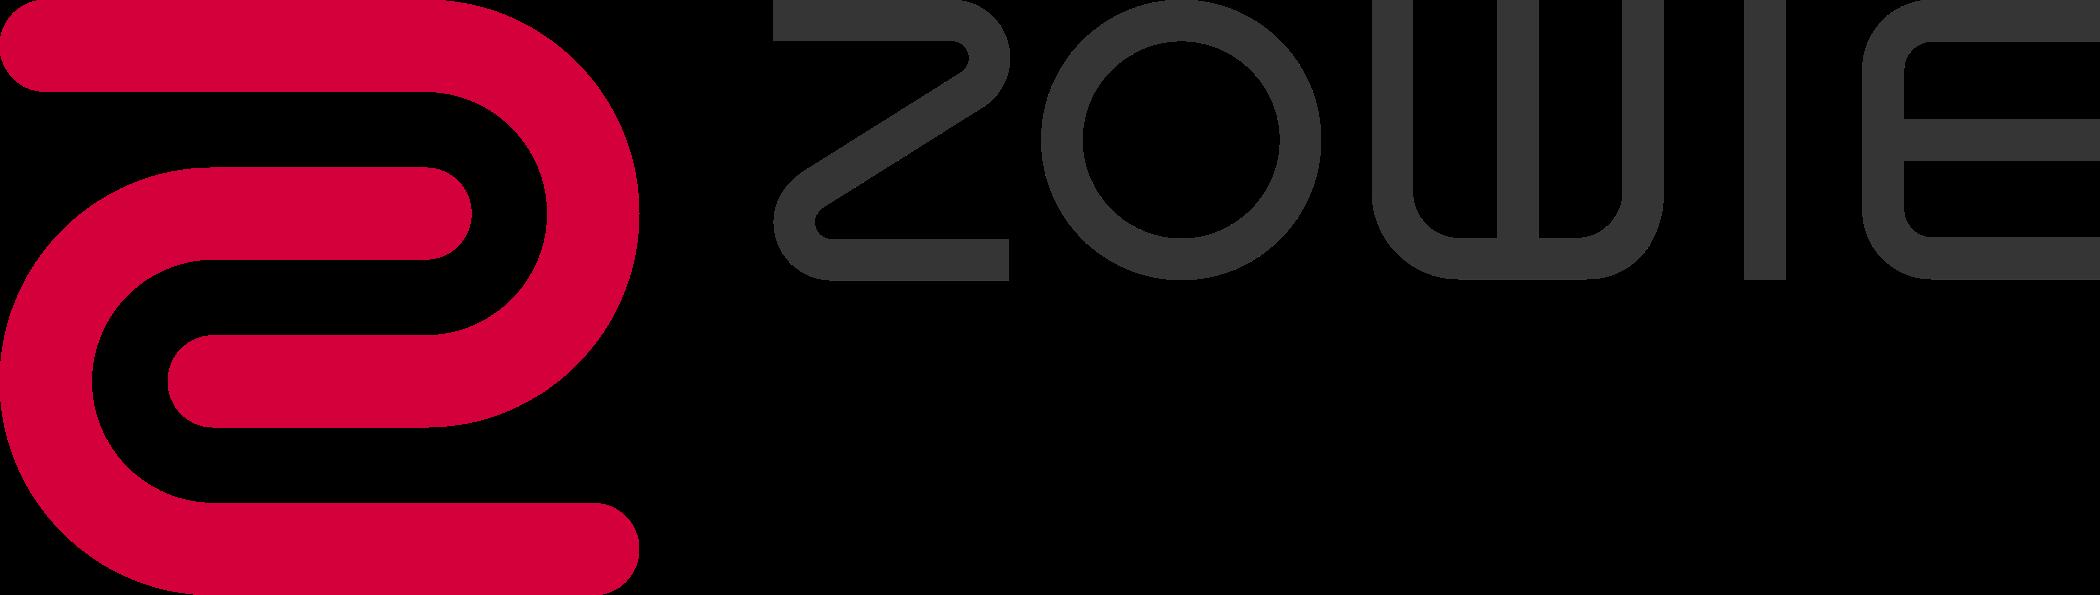 zowie logo 1 - Zowie Logo